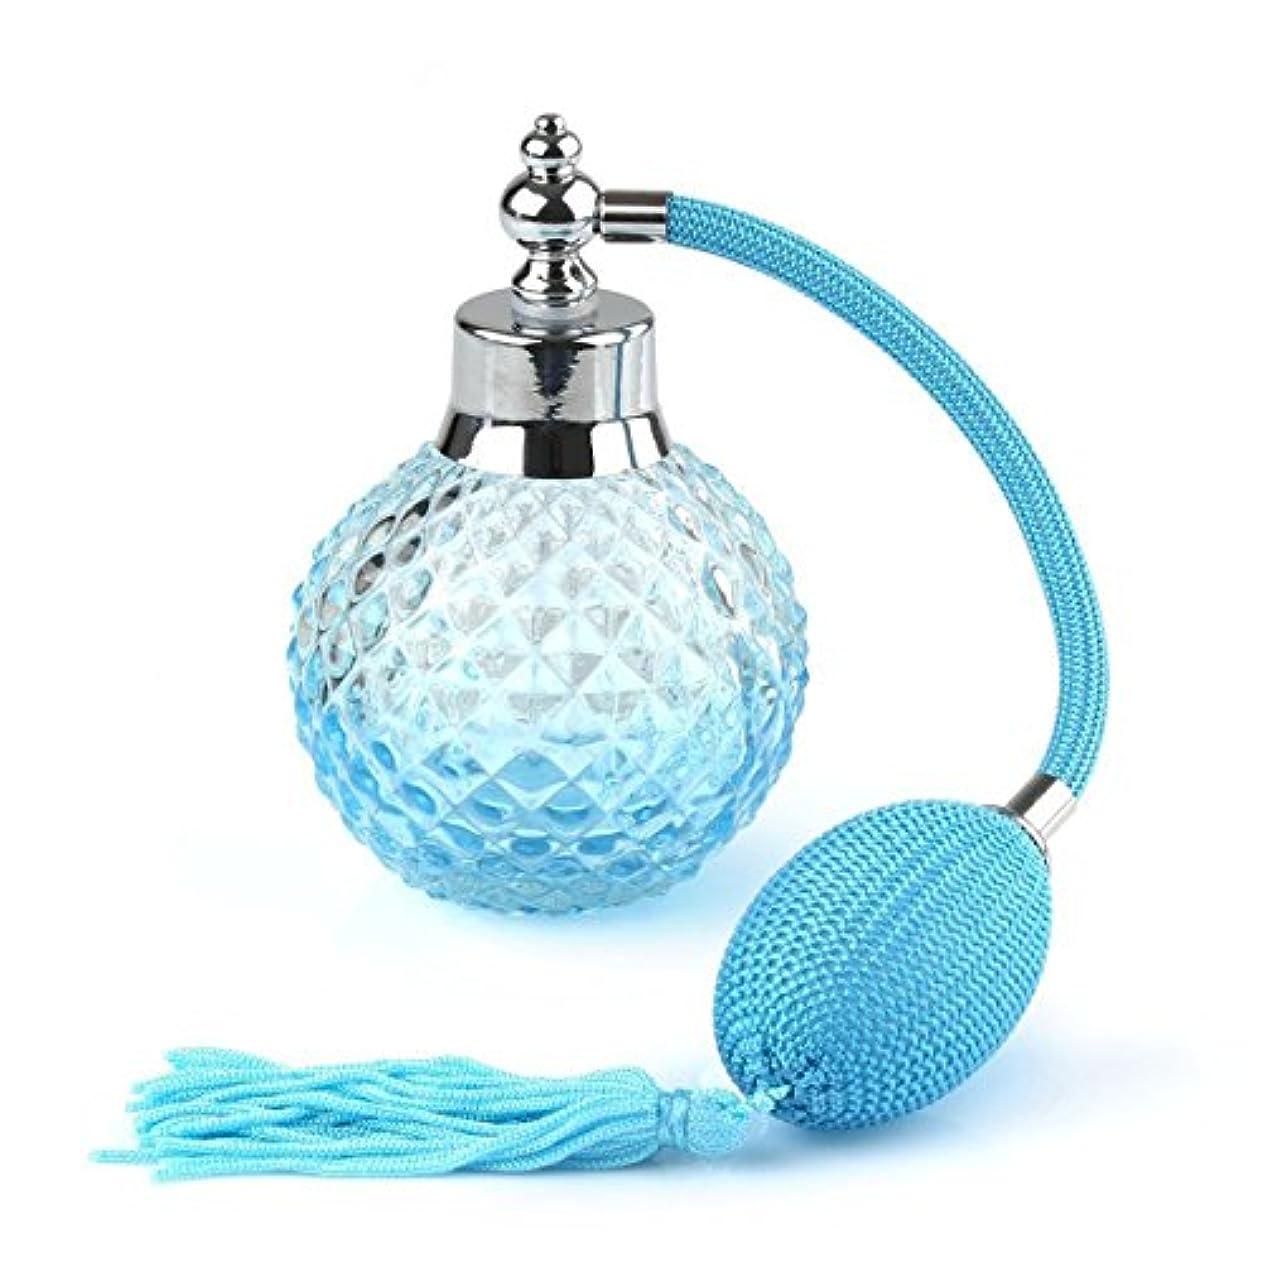 損なう遠え管理者ROSENICE クリスタル アトマイザー 香水瓶 スプレーボトル 100ml(ブルー)